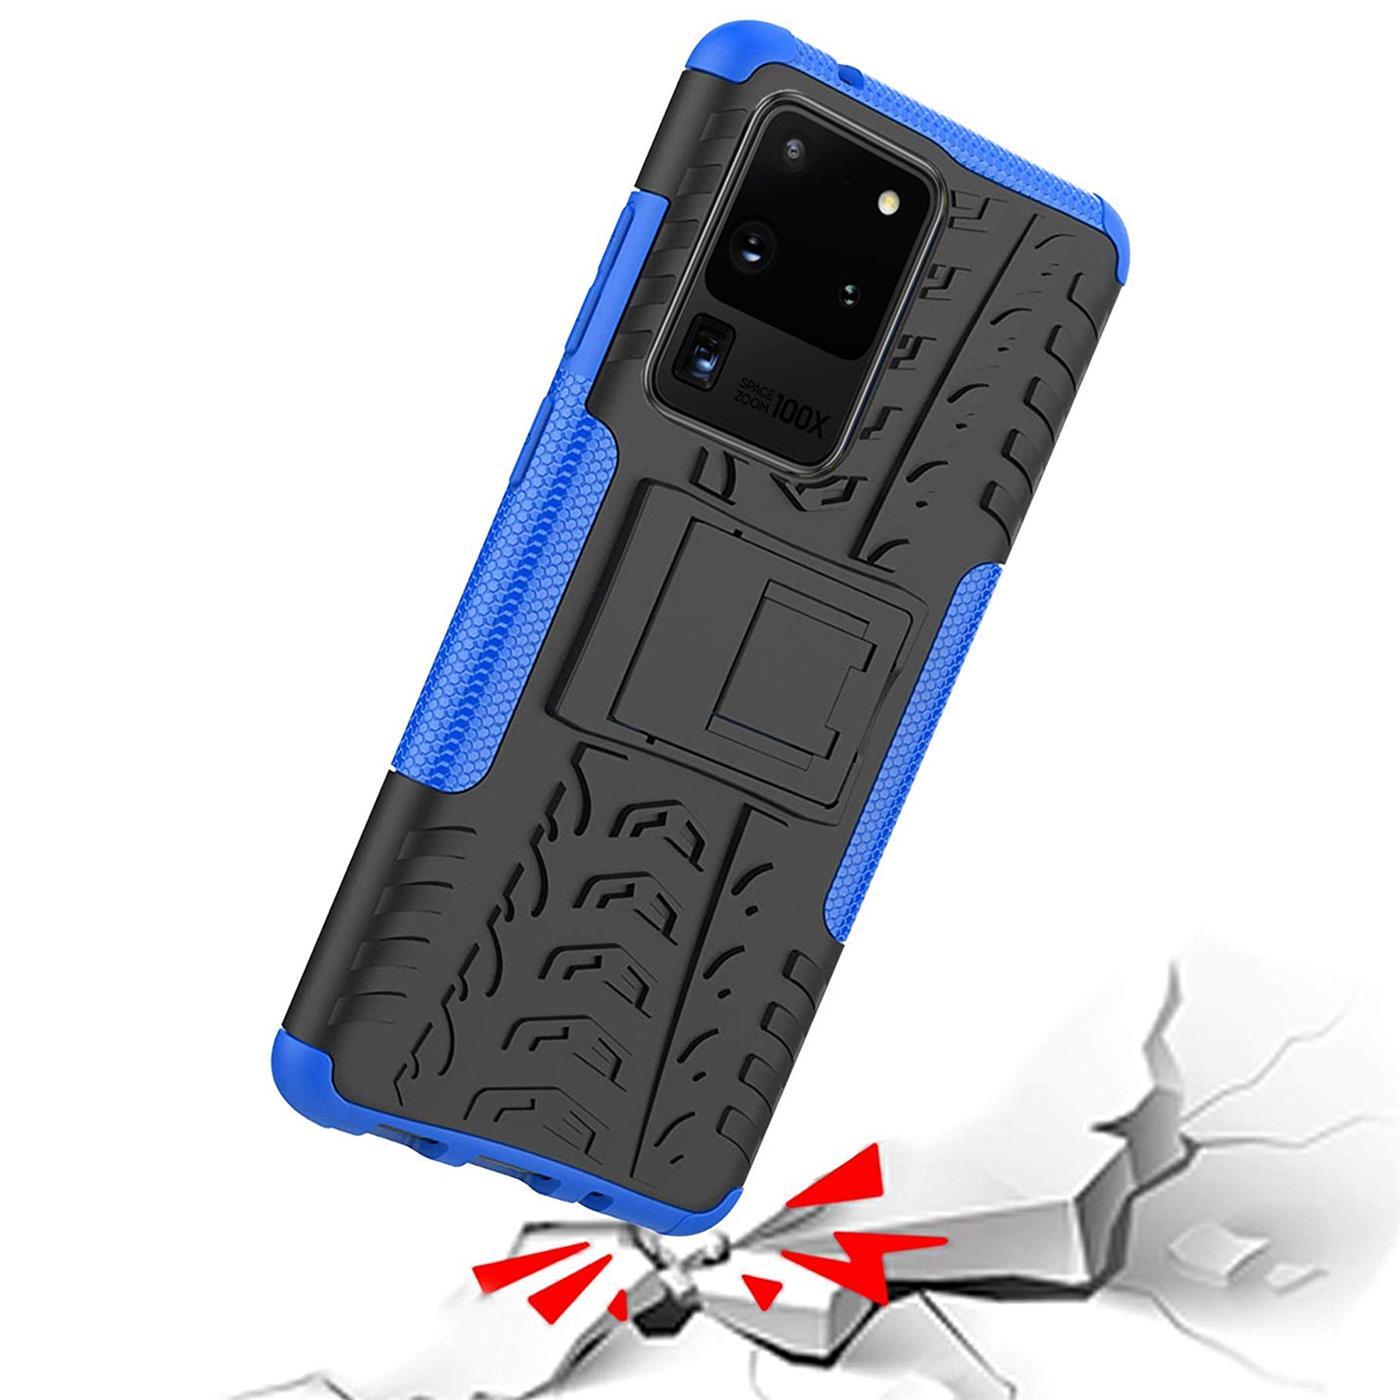 Samsung-Galaxy-S20-Serie-Schutzhuelle-Rugged-Handy-Tasche-Robust-Outdoor-Cover Indexbild 13